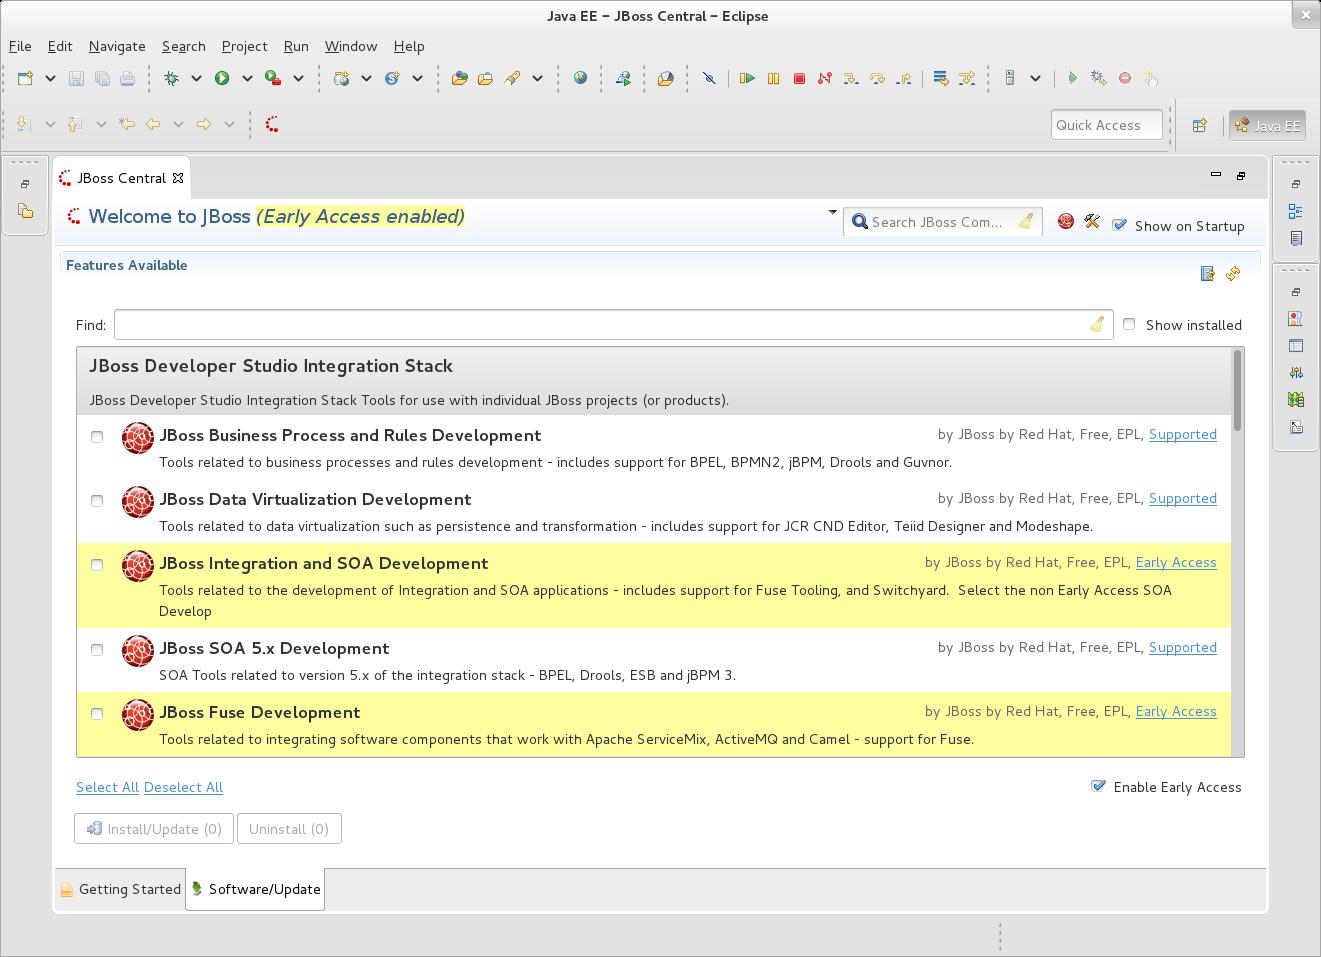 JBoss SOA Early Access is enabled